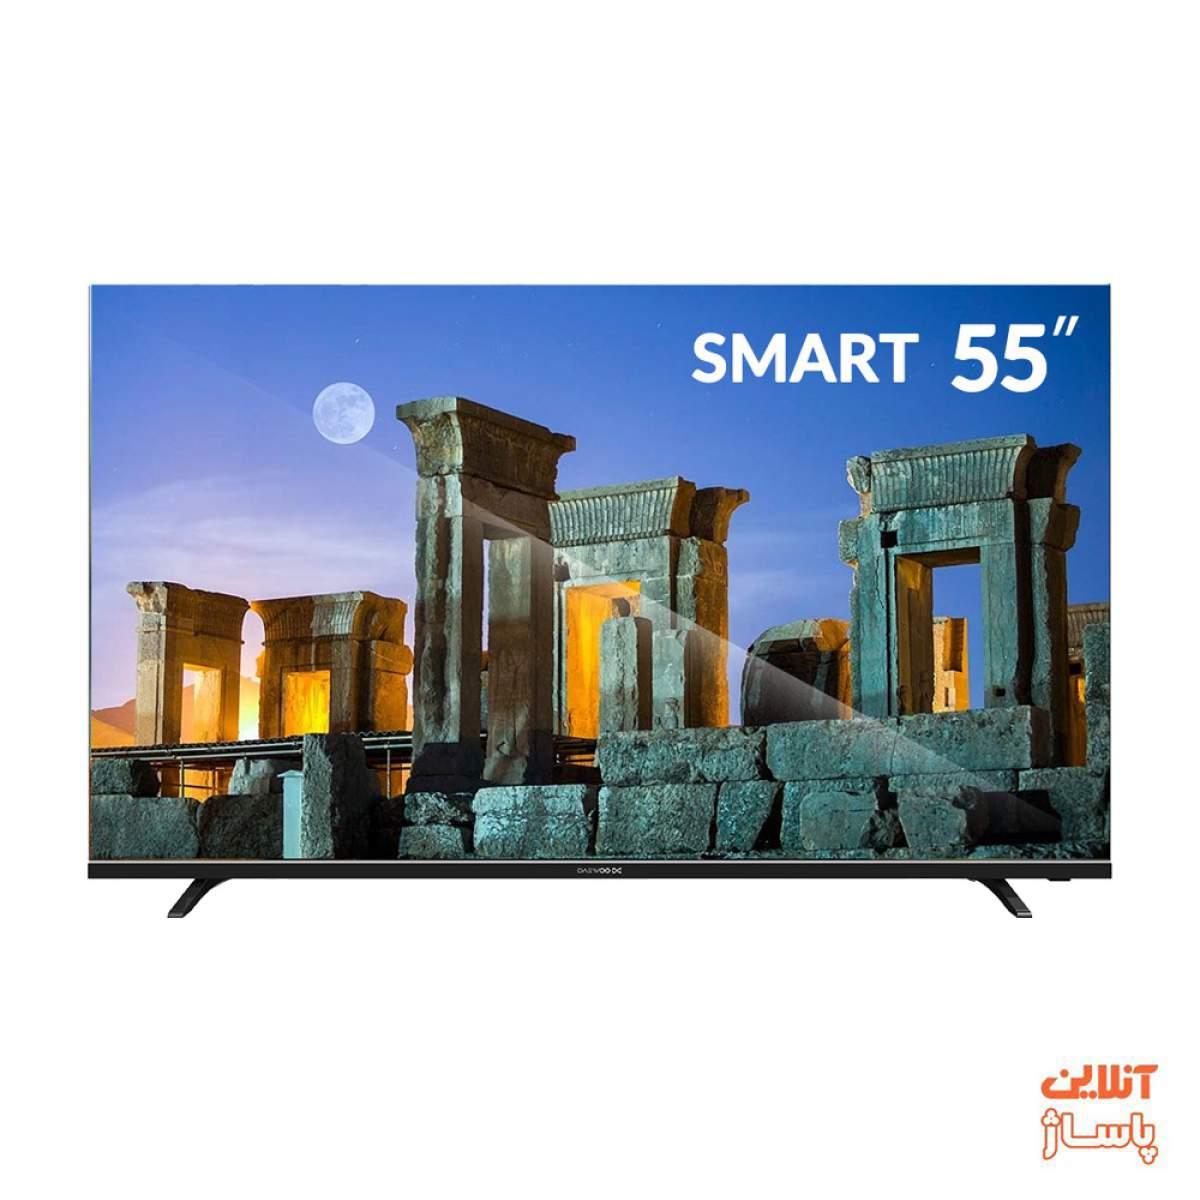 تلویزیون ال ای دی هوشمند دوو مدل DSL-55K5410U سایز 55 اینچ